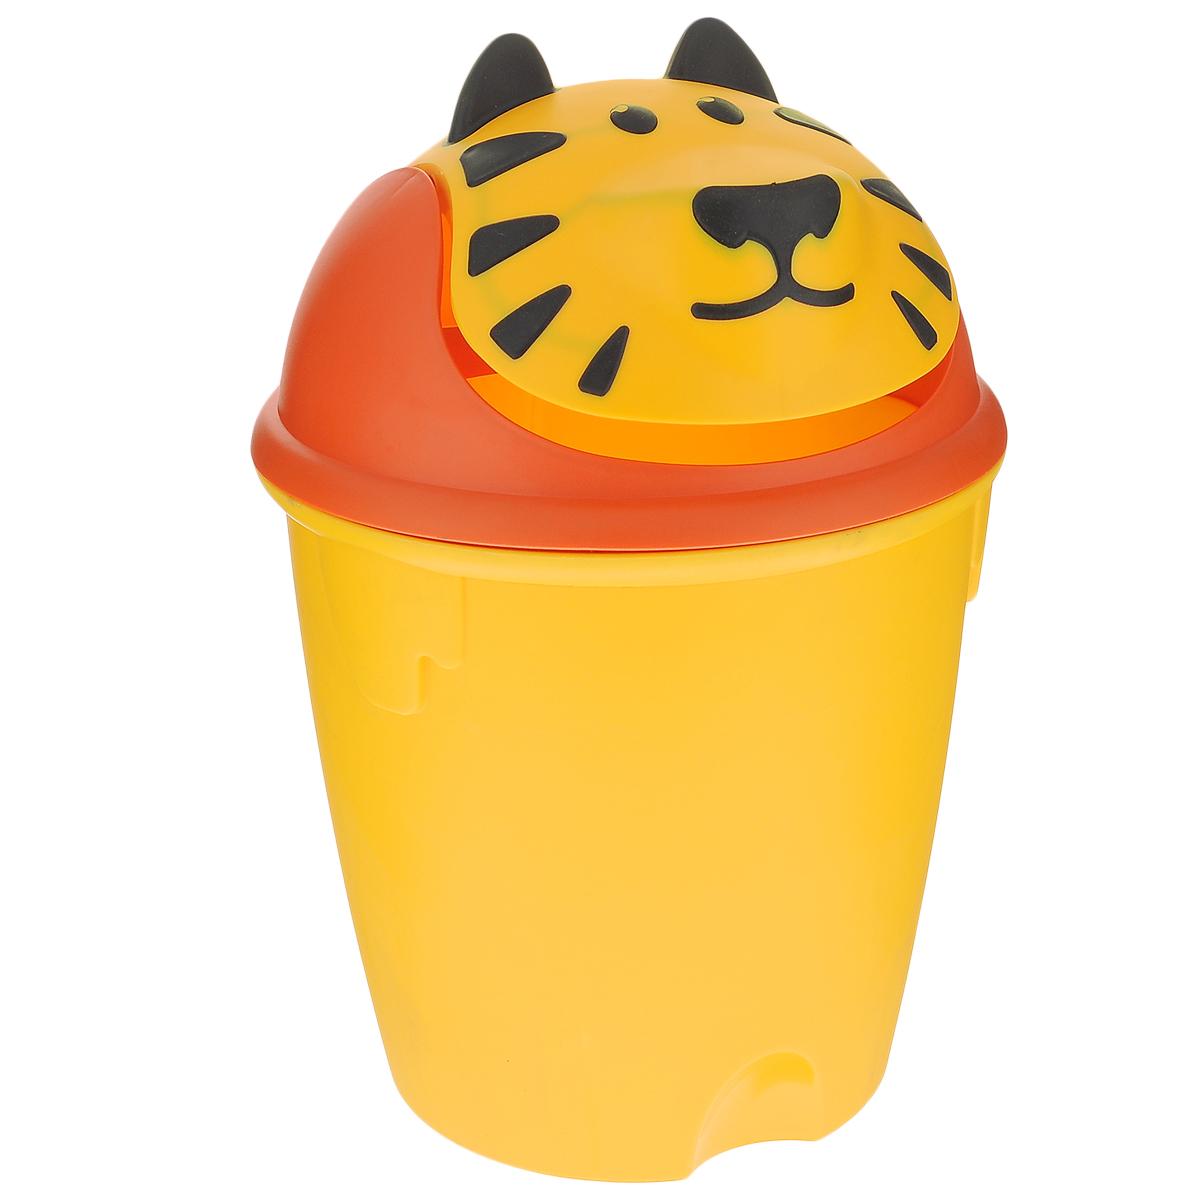 Контейнер для мусора Curver Тигренок, цвет: желтый, оранжевый, 26 см х 26 см х 39 см07123-307-00Контейнер для мусора Curver Тигренок изготовлен из высококачественного пластика. Изделие оснащено плавающей крышкой, выполненной в виде мордашки тигренка. Вы можете использовать такой контейнер для выбрасывания разных пищевых и не пищевых отходов. Контейнер для мусора Curver Тигренок - это не только емкость для хранения мусора, но и яркий предмет декора, который оригинально украсит интерьер кухни или ванной комнаты. Размер контейнера (с учетом крышки): 26 см х 26 см х 39 см. Размер контейнера (без учета крышки): 26 см х 26 см х 25 см.